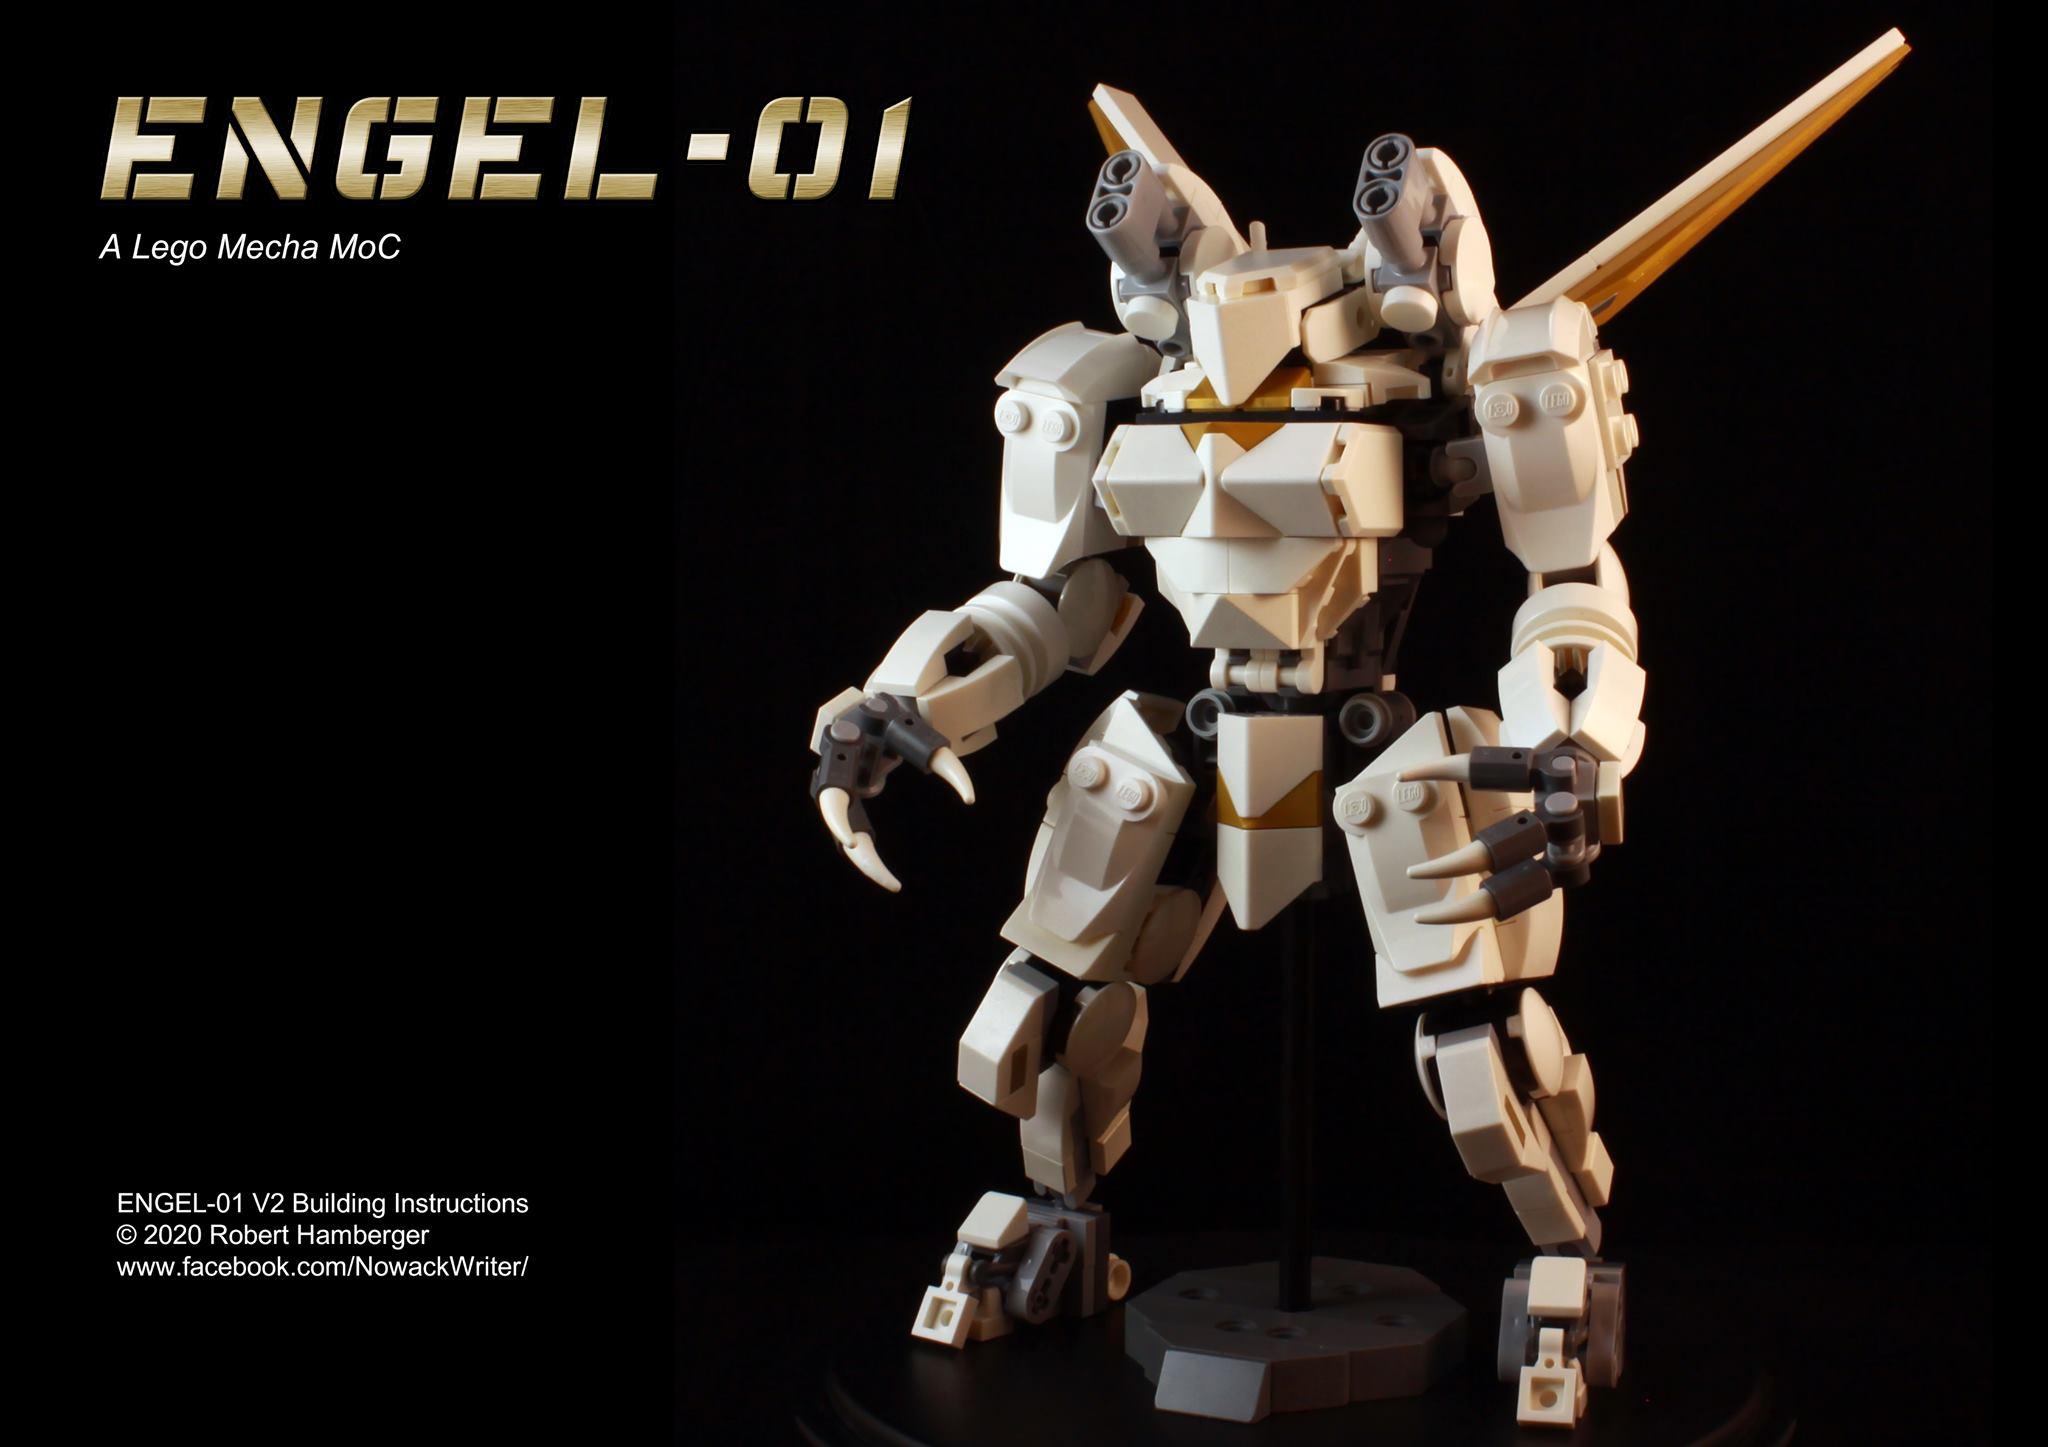 LEGO ENGEL-01 MK-II